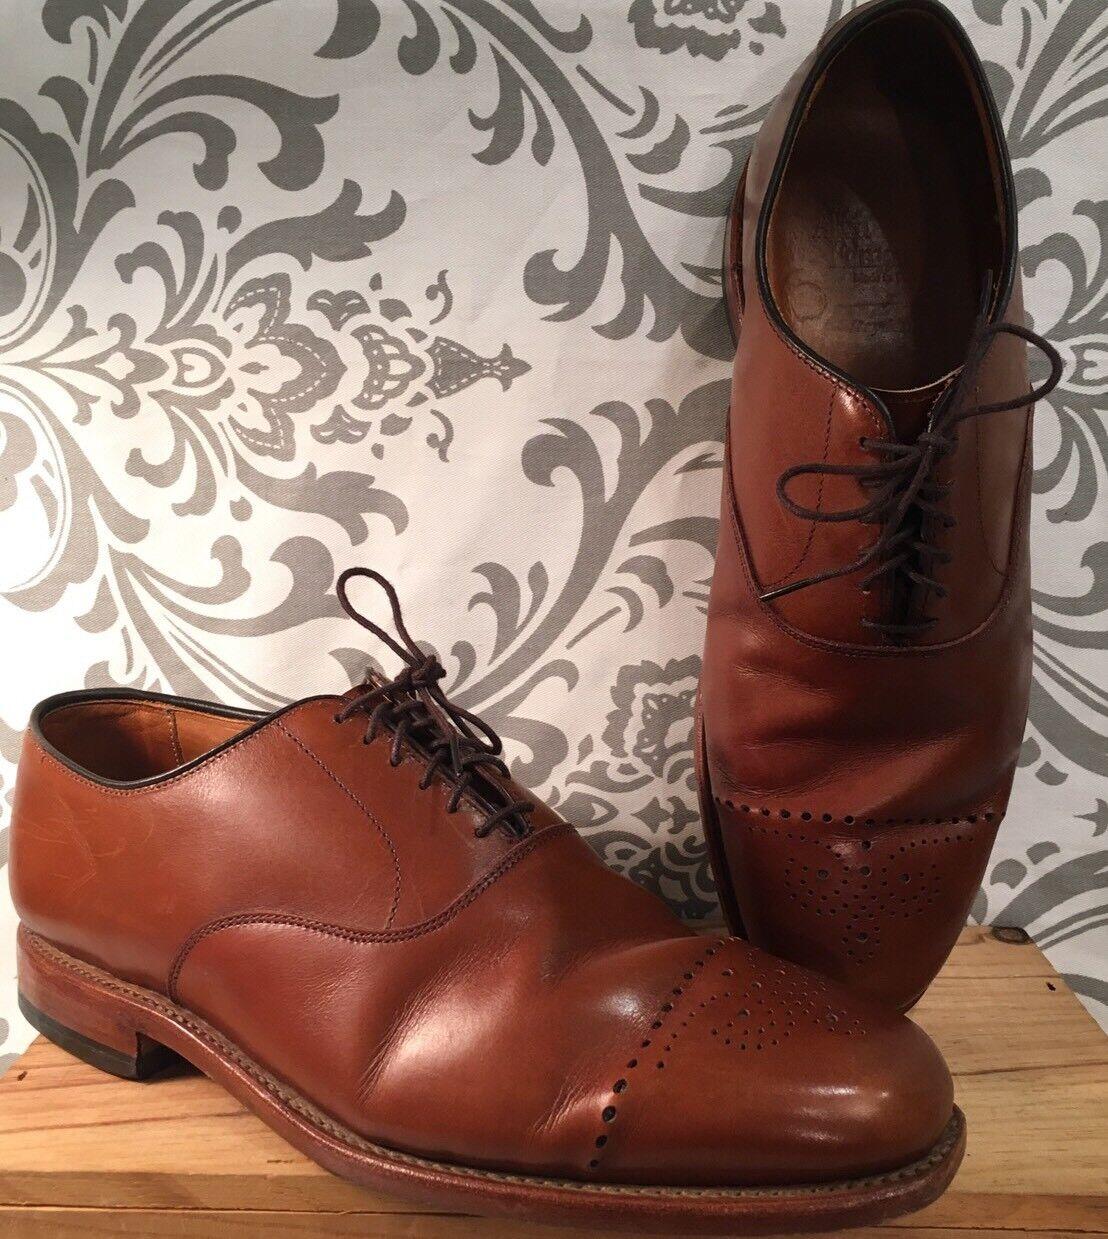 Allen Edmonds adobe marrón cuero para hombre de vestir Zapatos  2